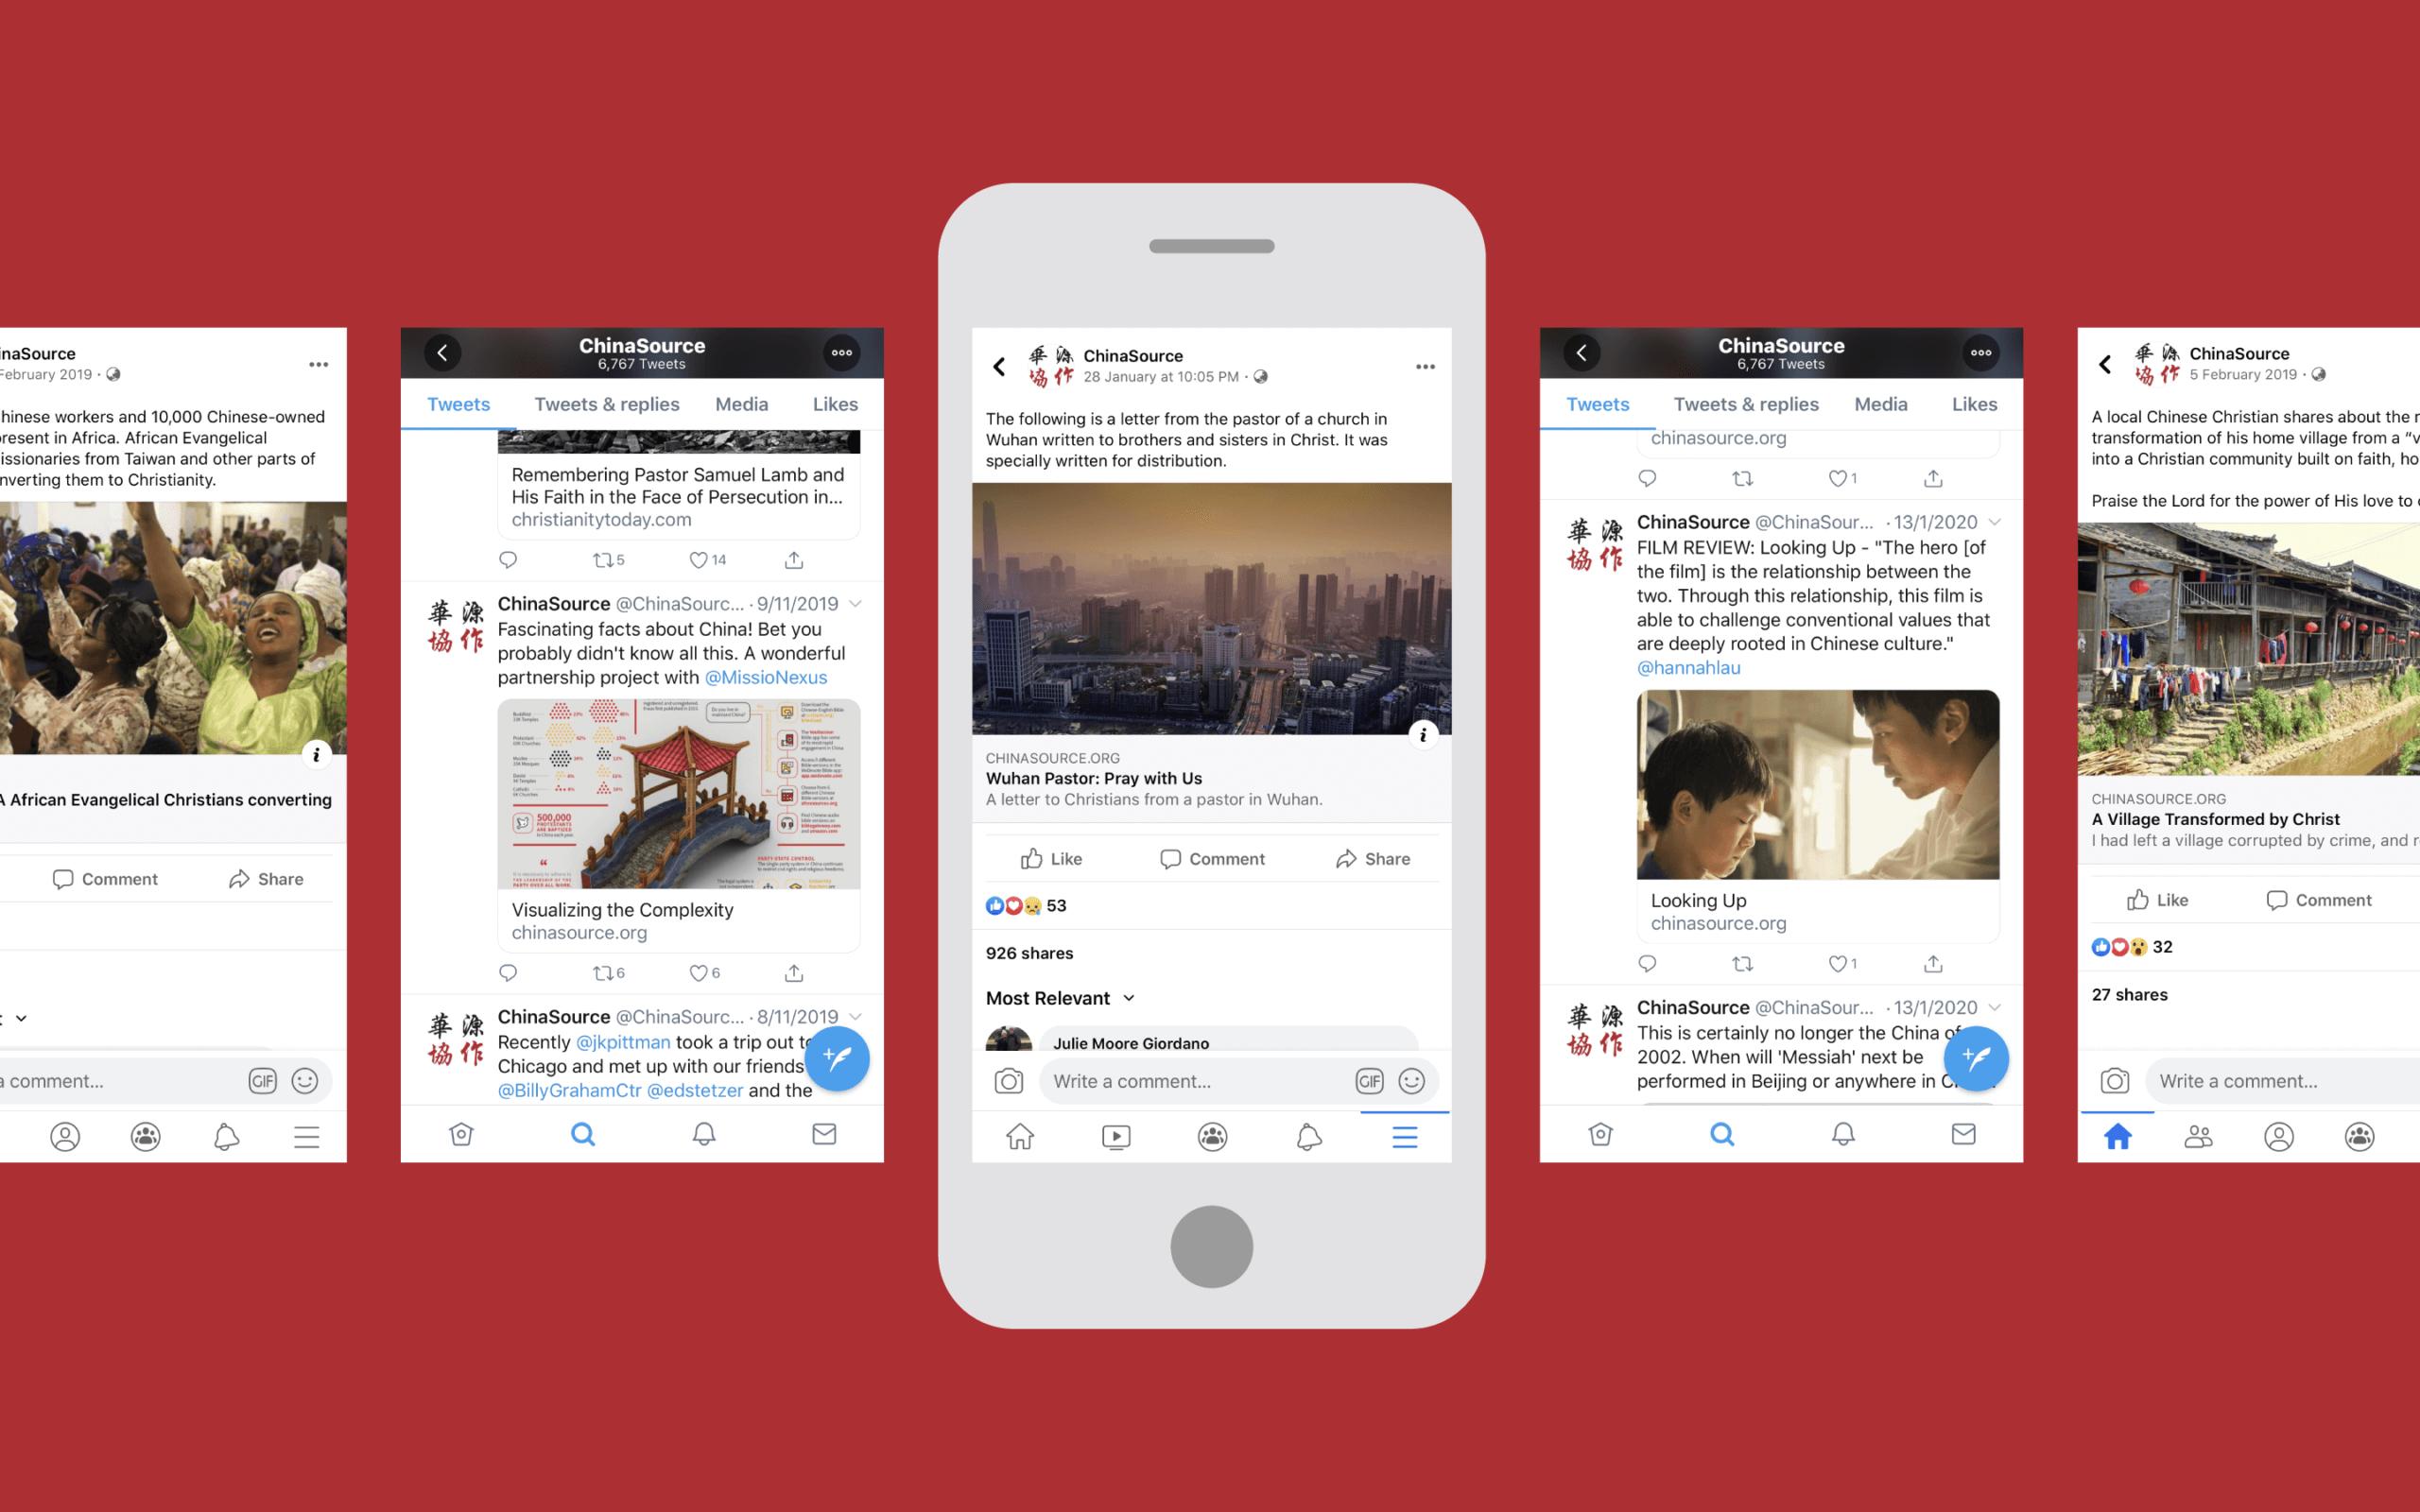 ChinaSource Social Media Posts